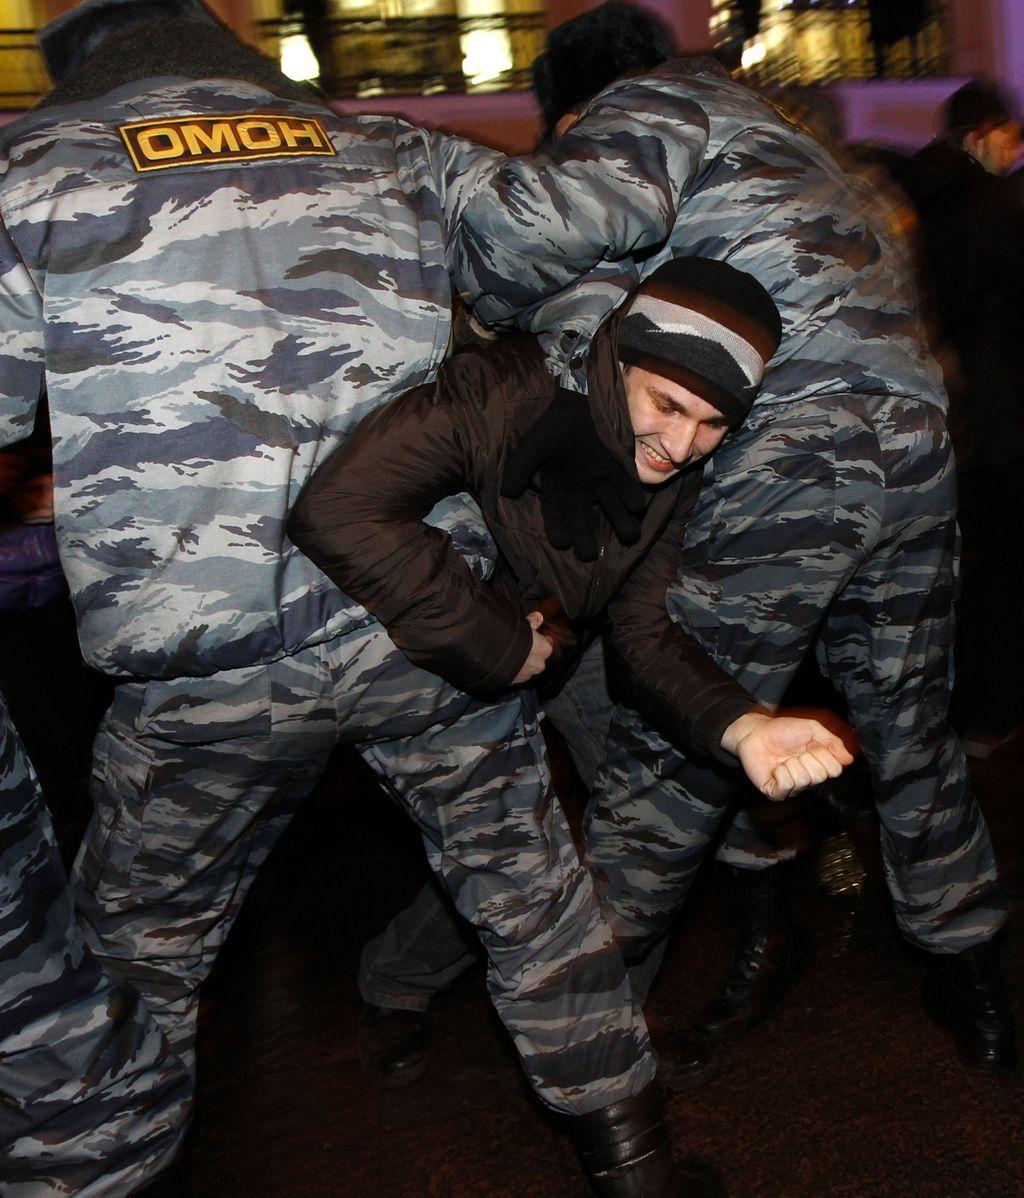 La policía rusa detiene a un joven manifestante